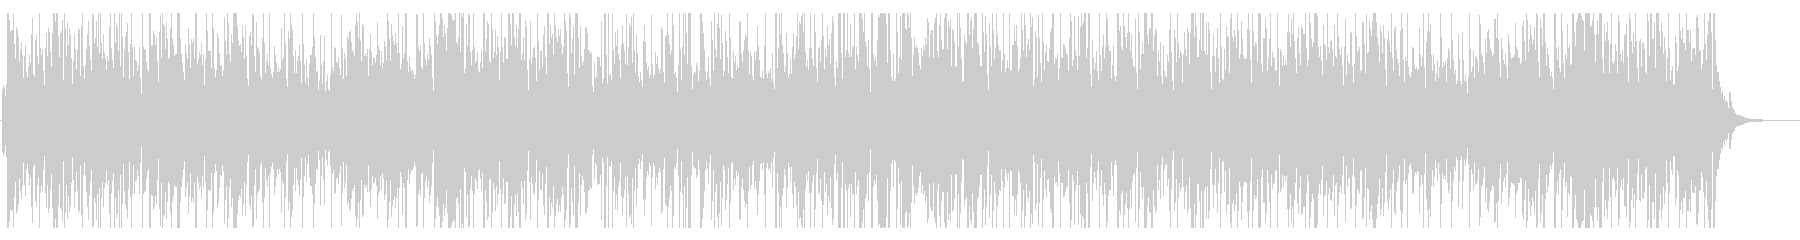 お洒落なジャズピアノトリオ28かっこいいの未再生の波形